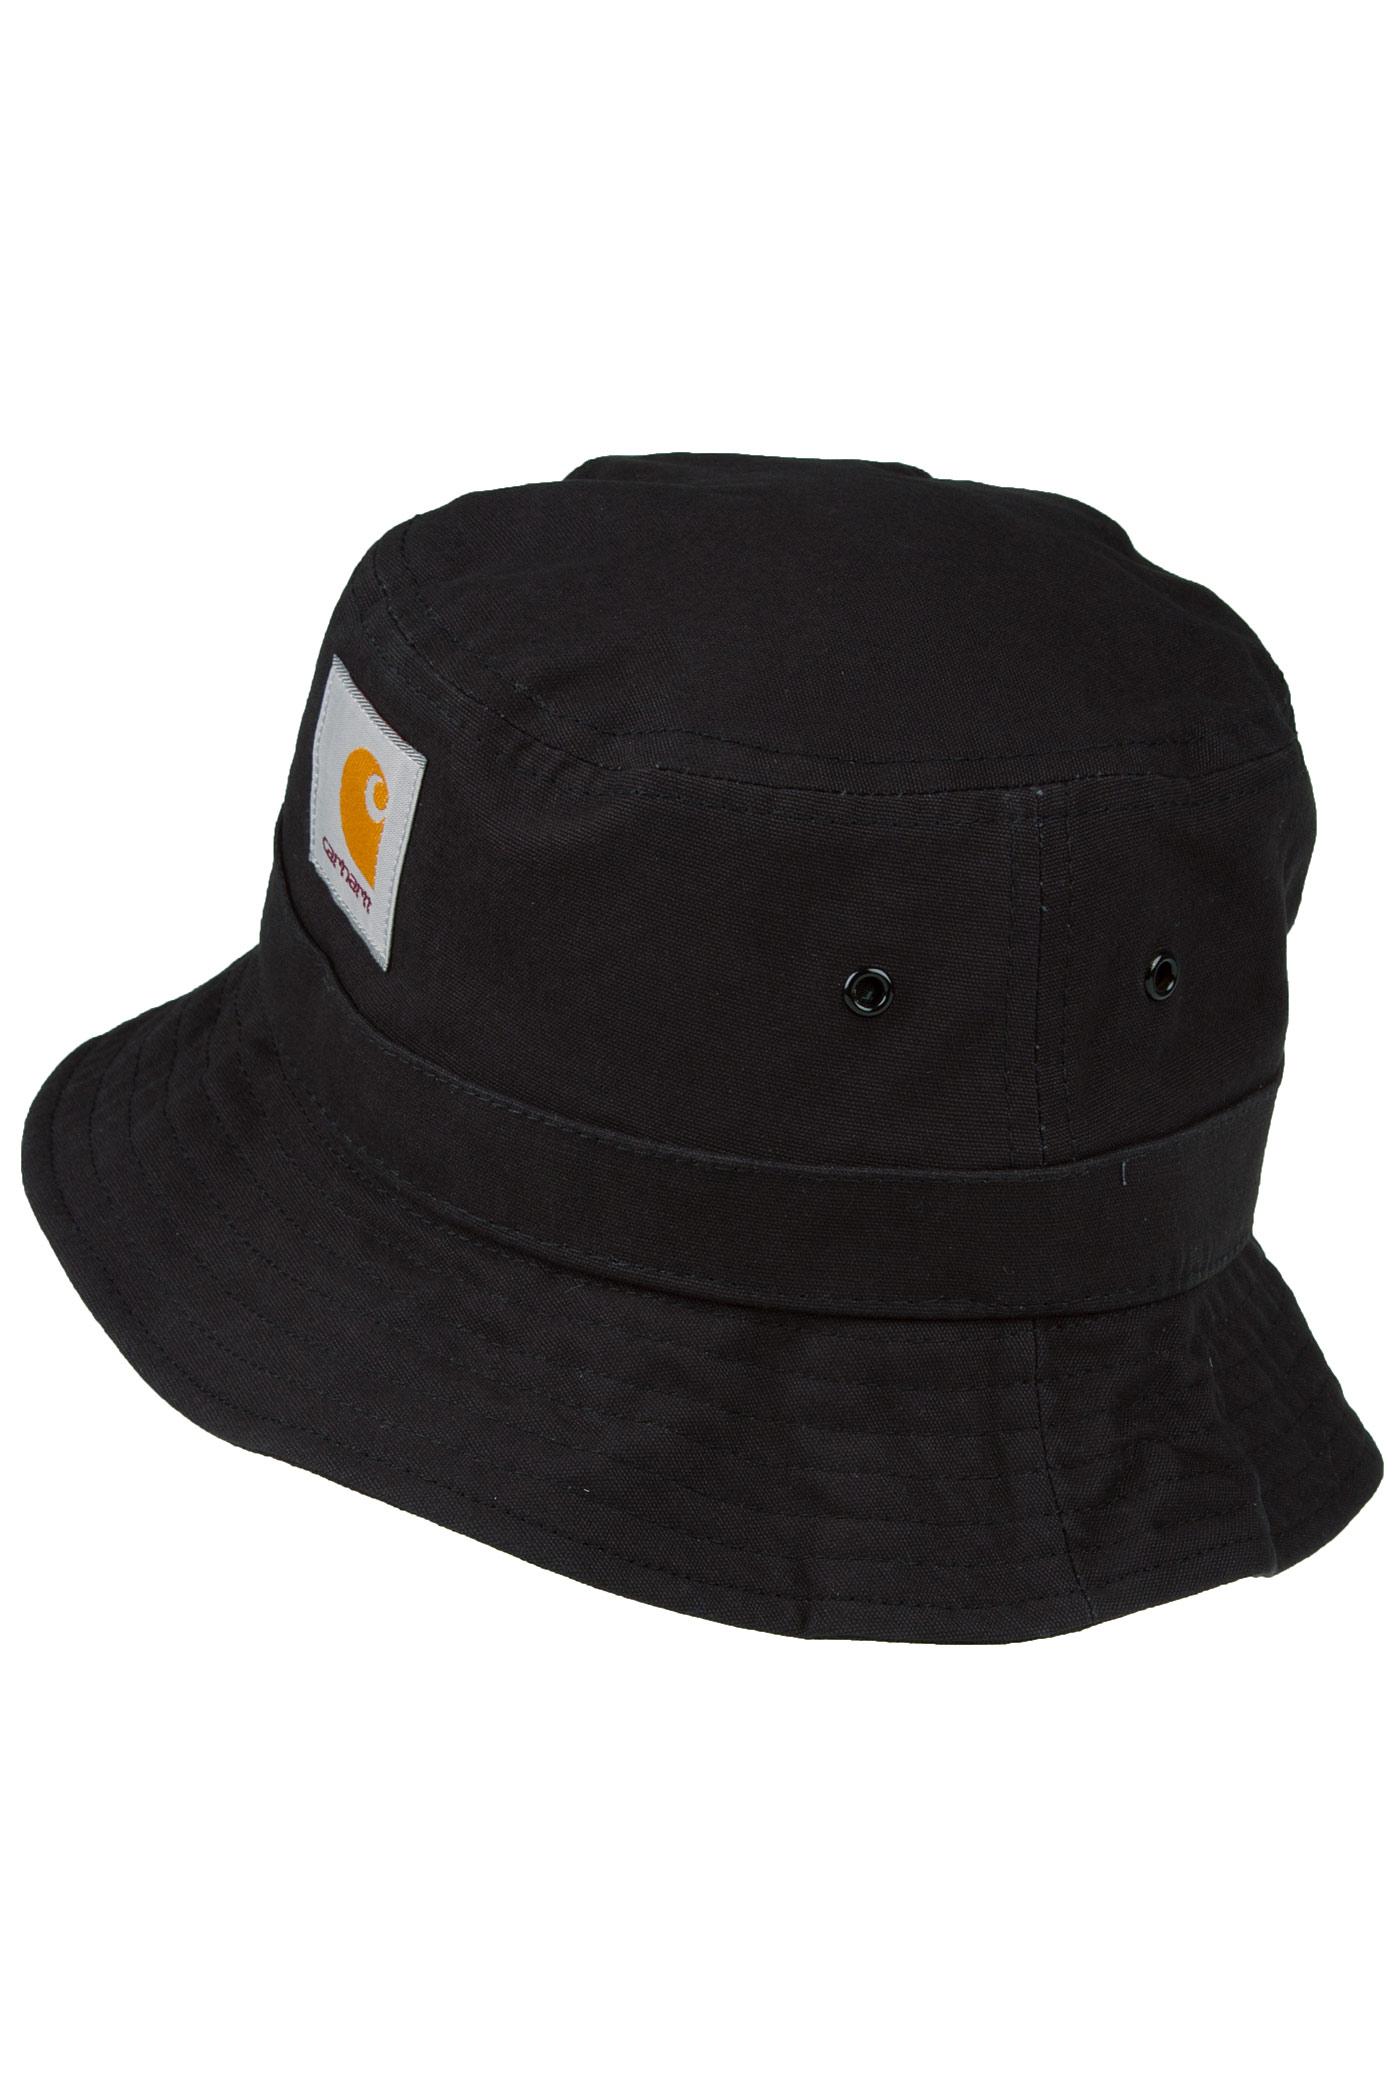 Carhartt WIP Watch Bucket Hat (black) buy at skatedeluxe 1295a22b601